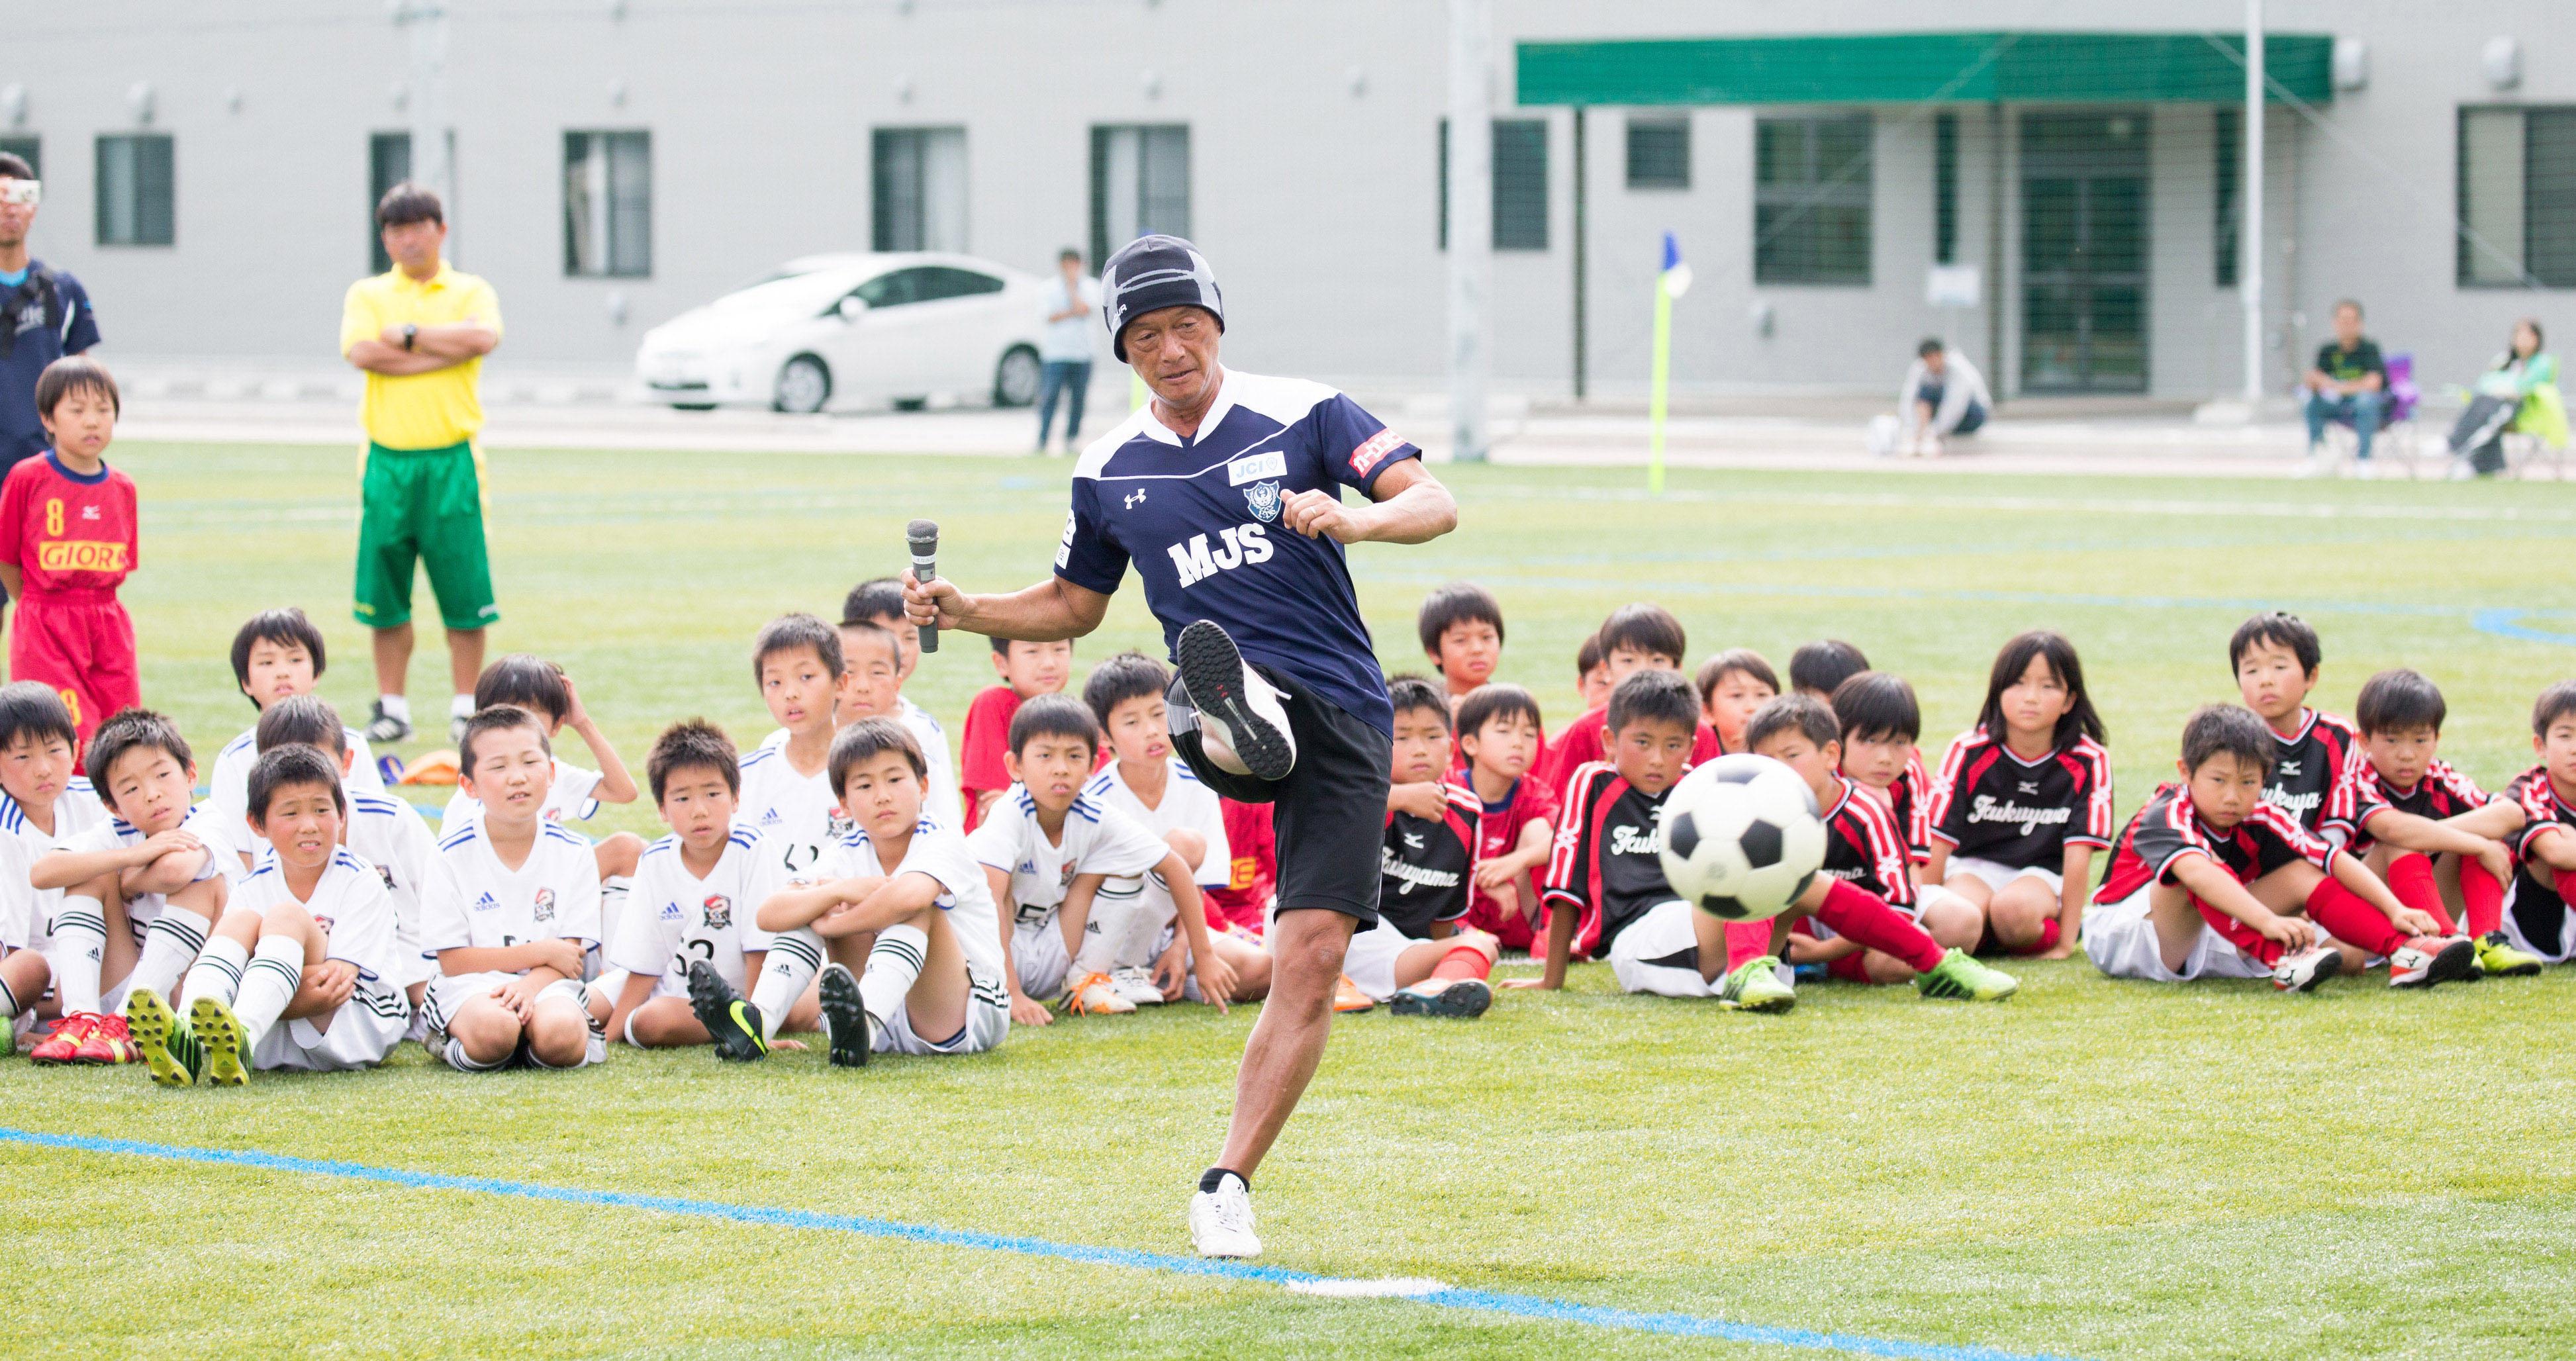 金田喜稔氏によるサッカークリニックの様子